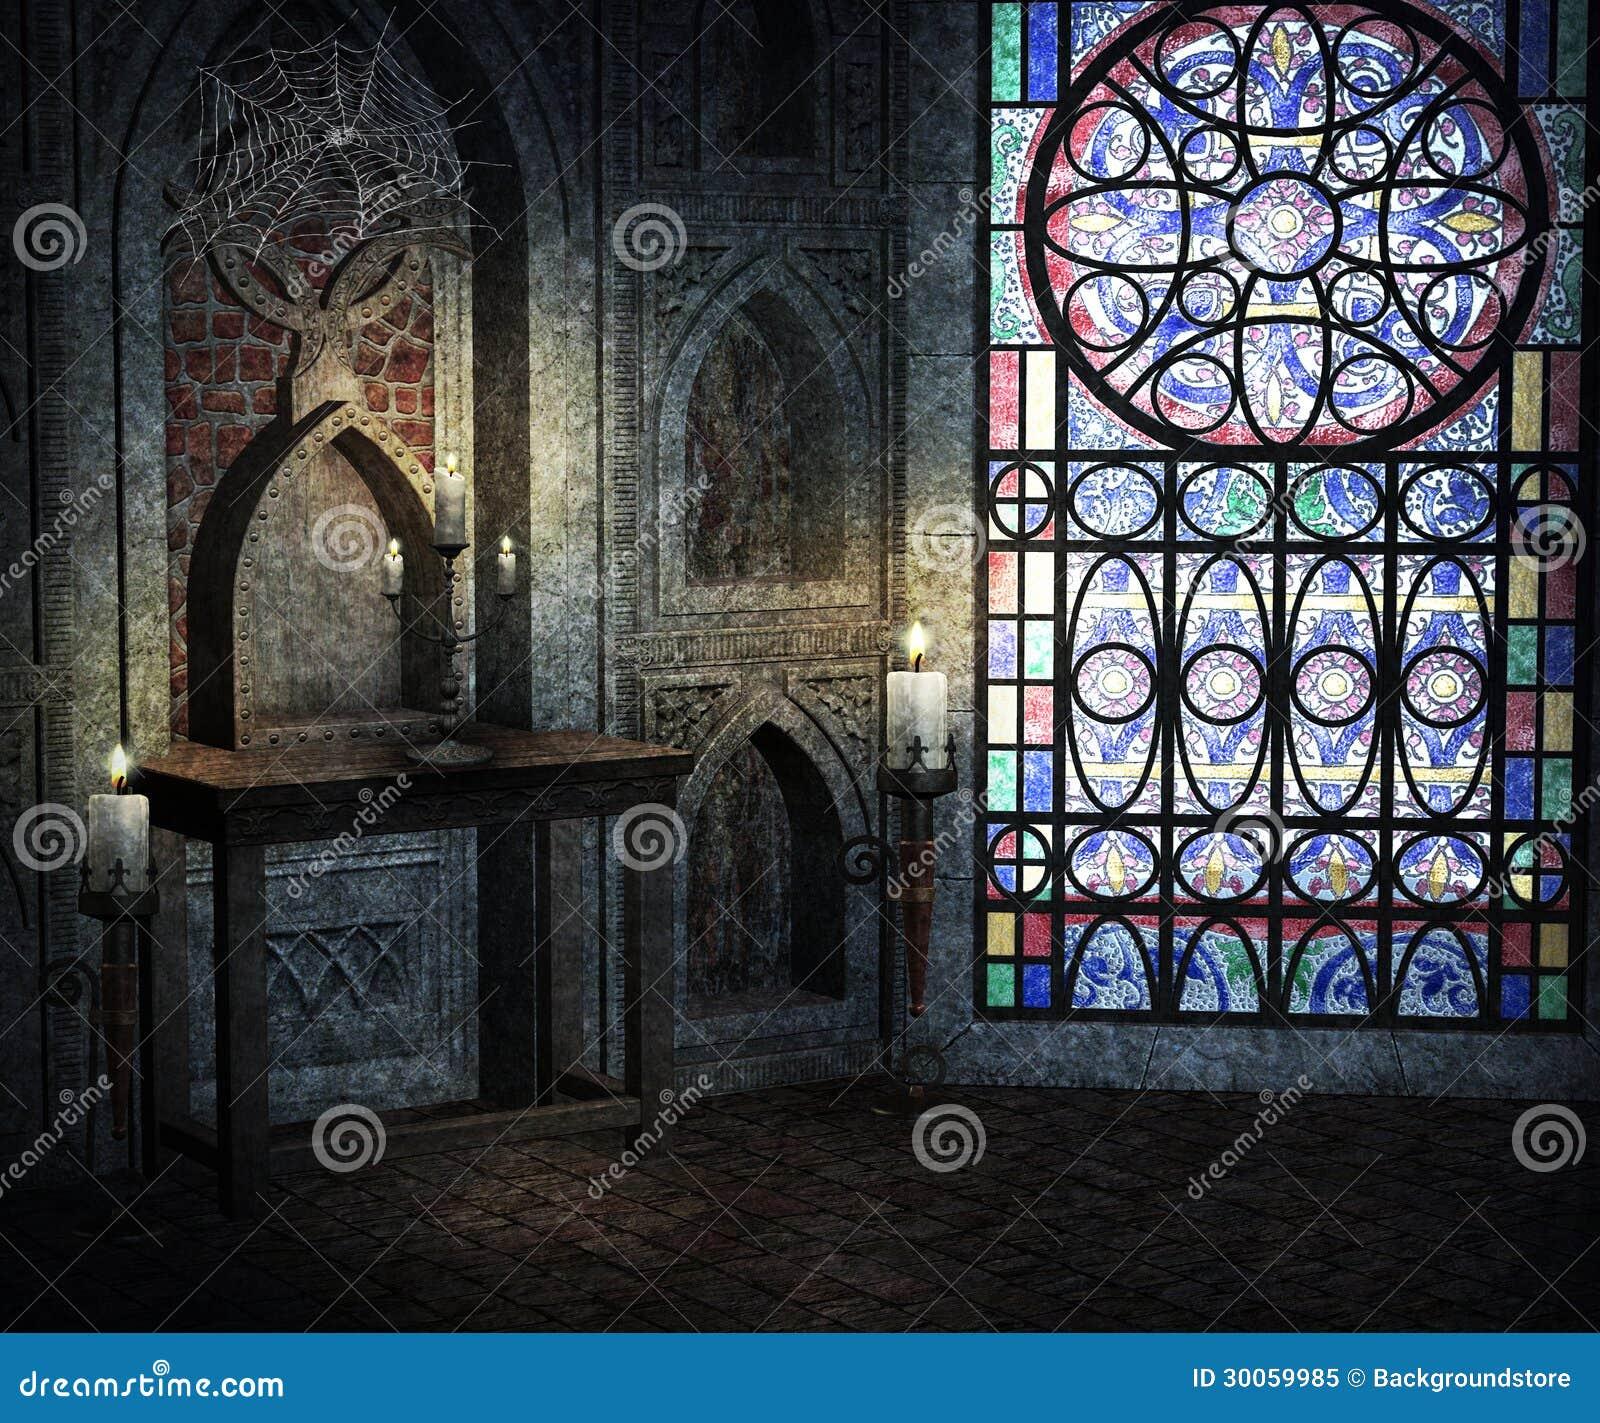 Gothic Room Background Stock Image. Image Of Black